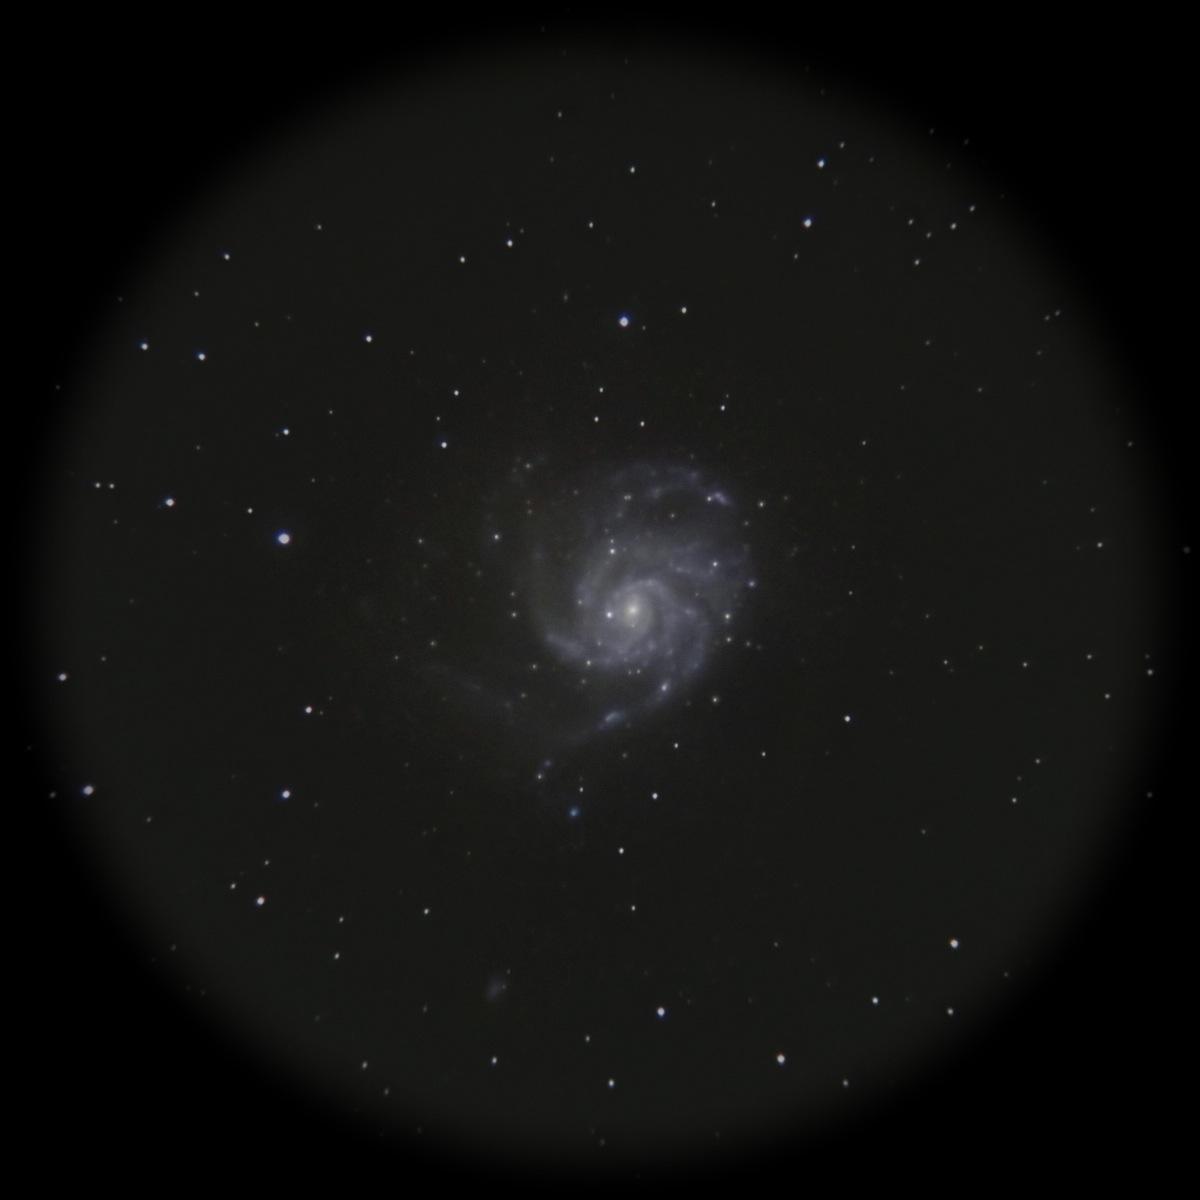 M101回転花火銀河 2015_b0167343_0452097.jpg